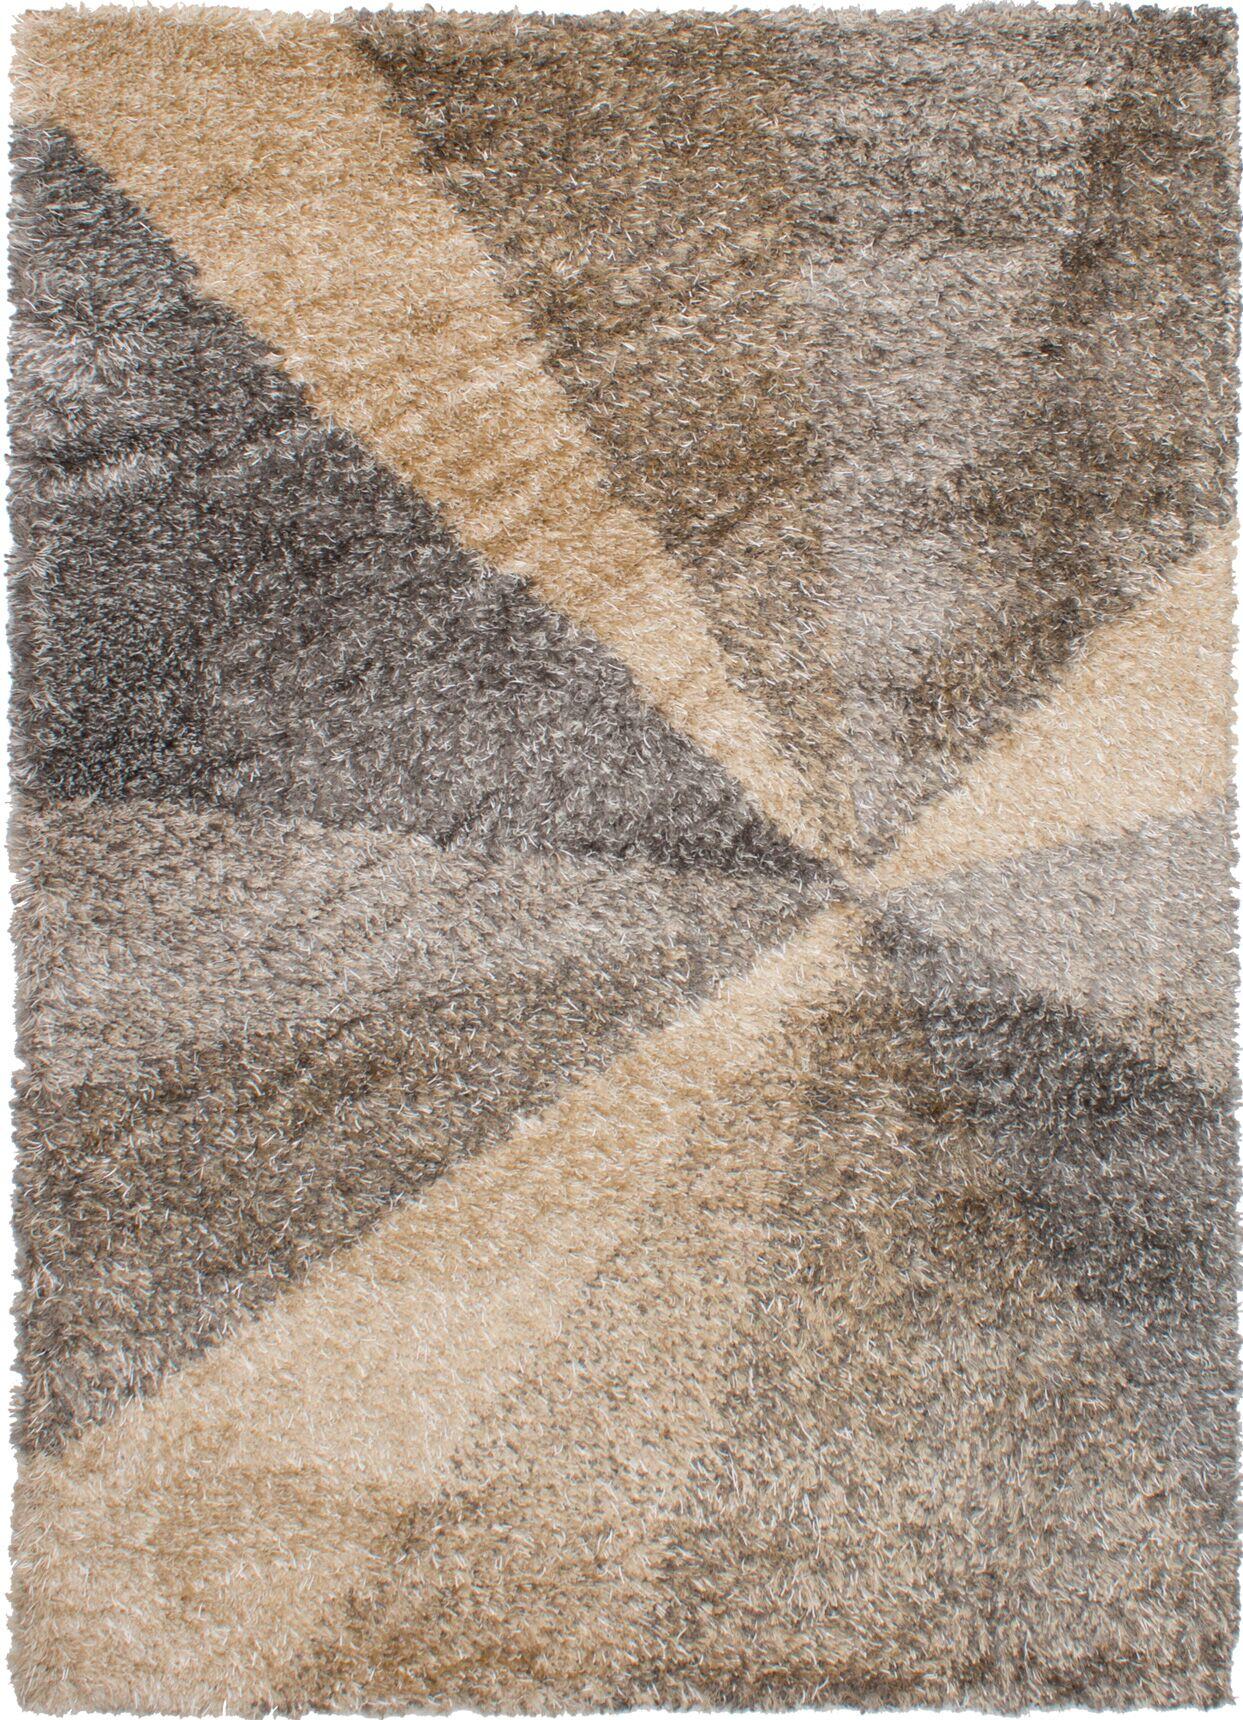 Maclennan Beige/Dark Gray Area Rug